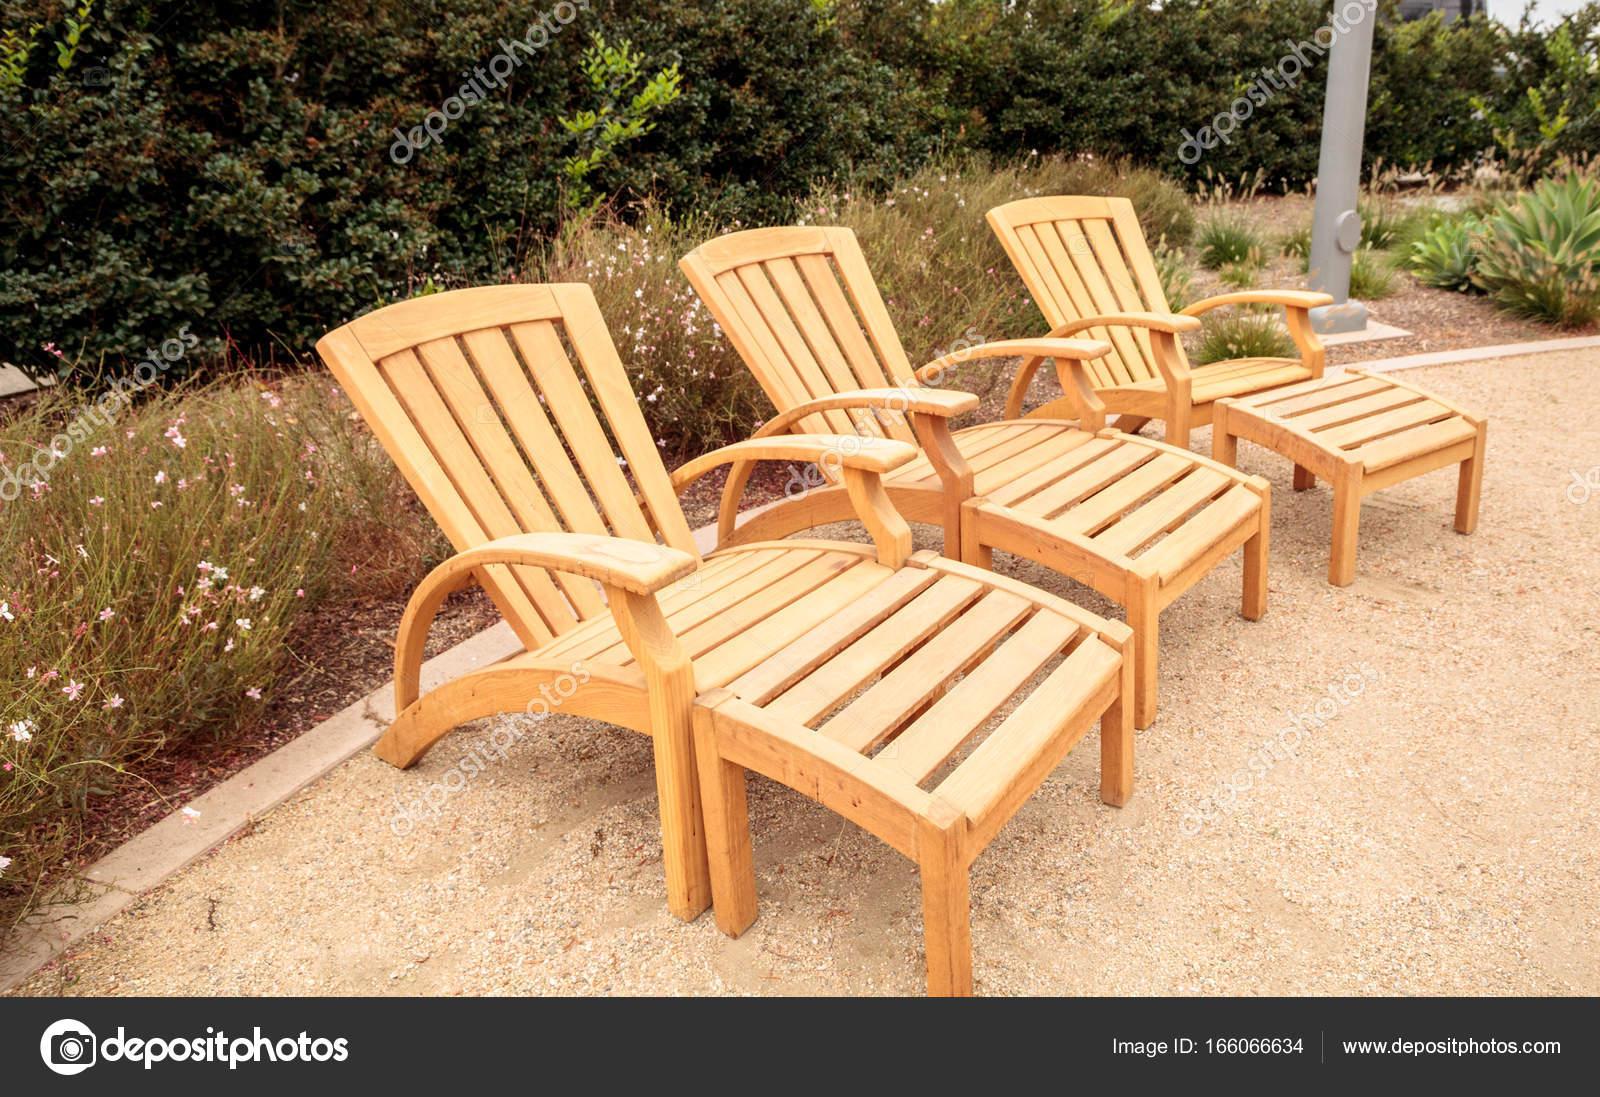 holz terrasse liegestühle im garten — stockfoto © stephstarr9363